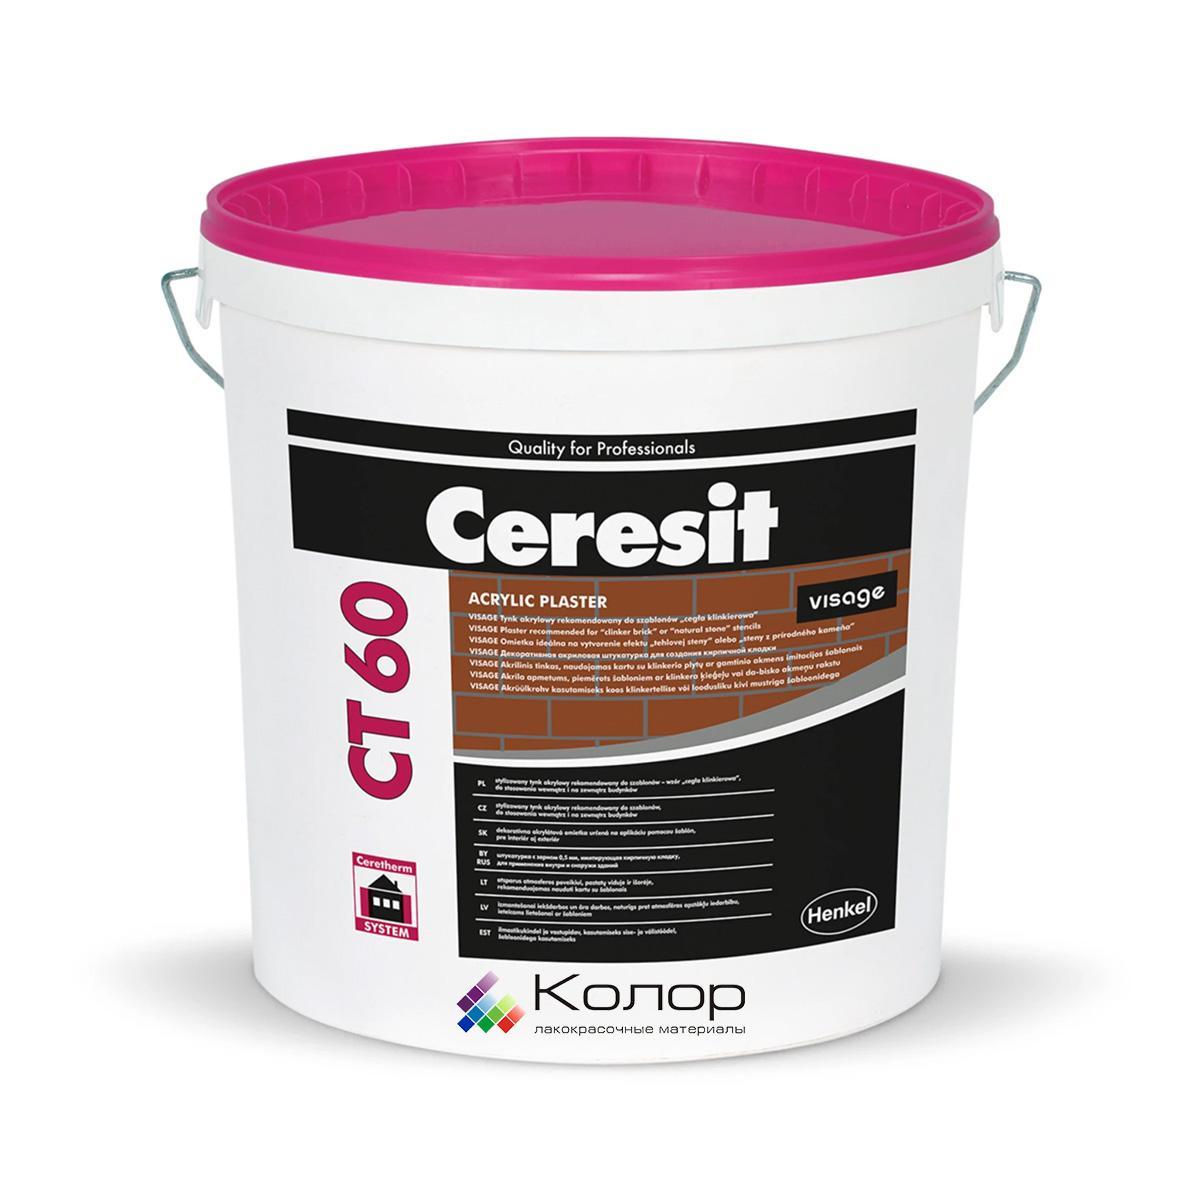 Декоративная акриловая штукатурка ceresit ct 60